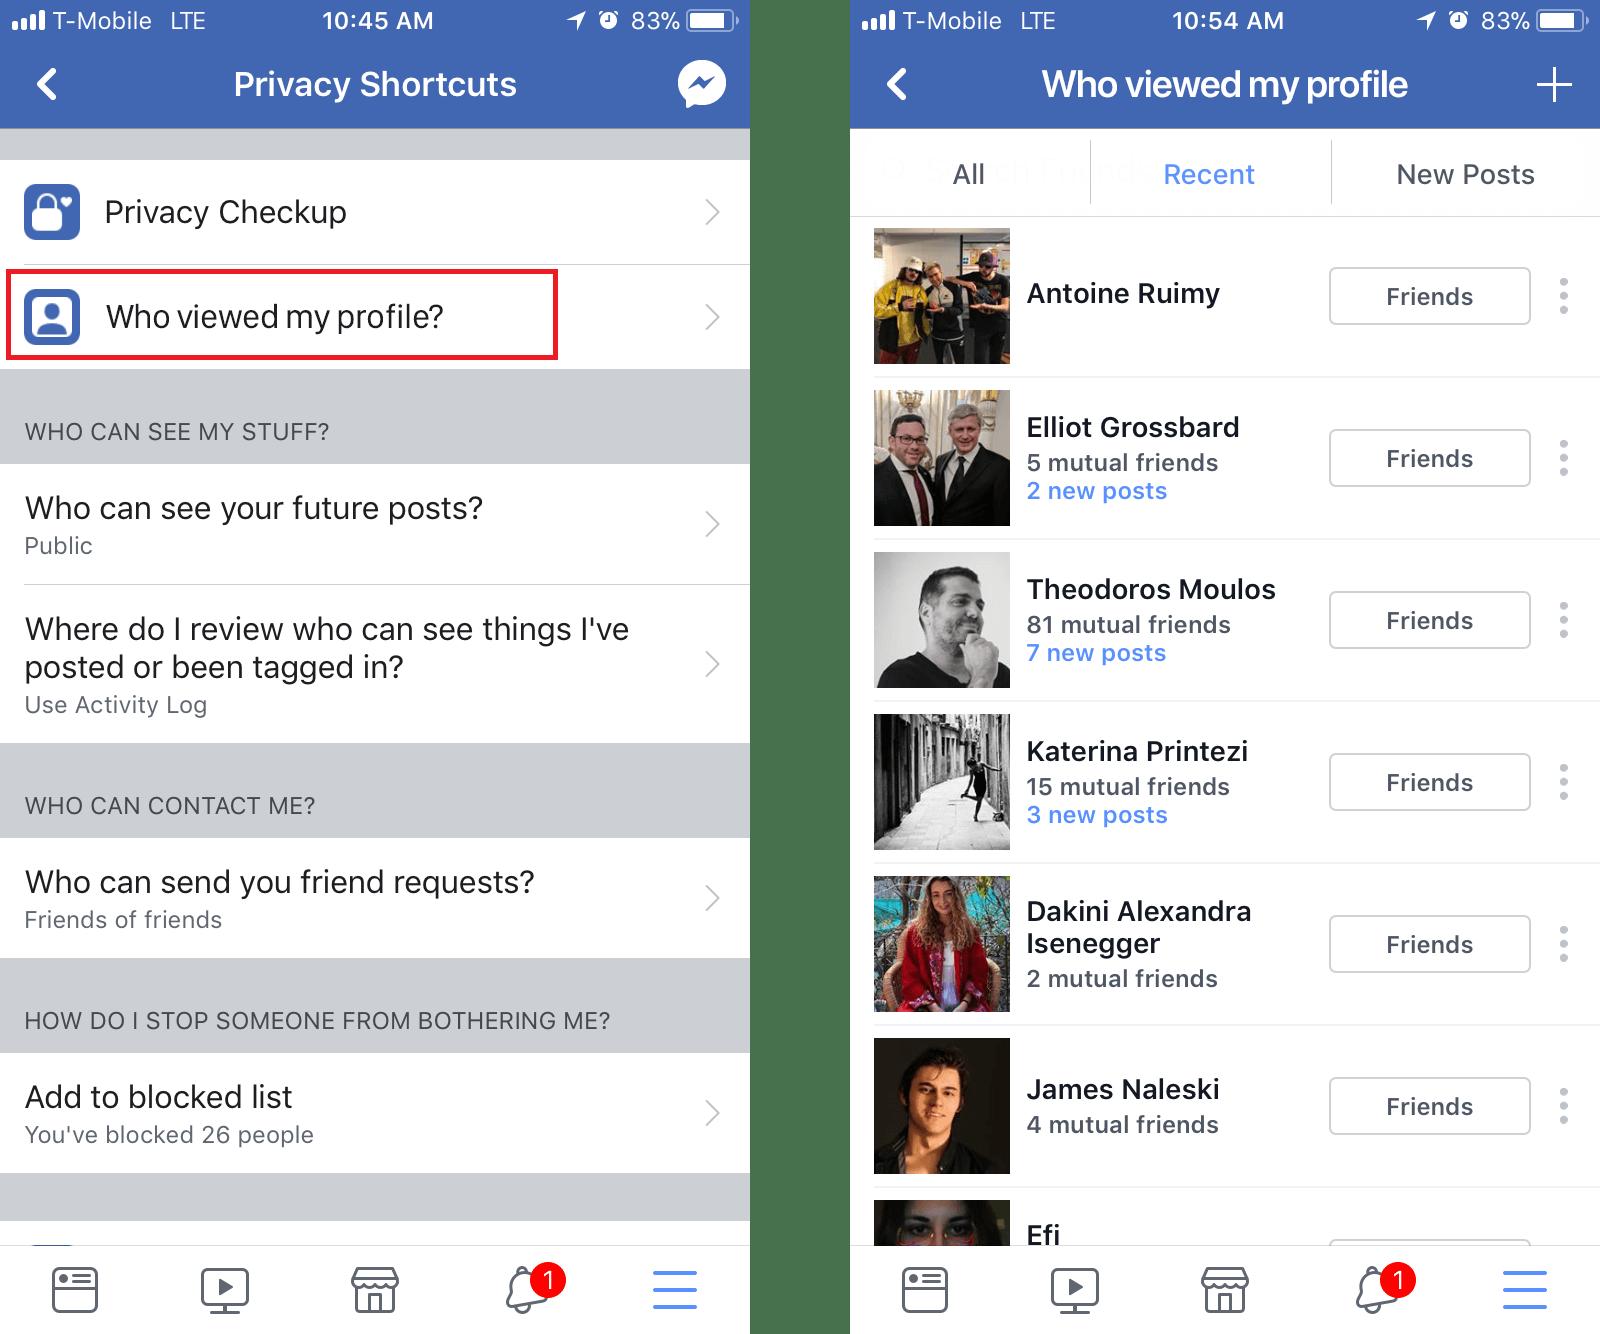 Επιτέλους! Το Facebook σας επιτρέπει να δείτε ποιος βλέπει